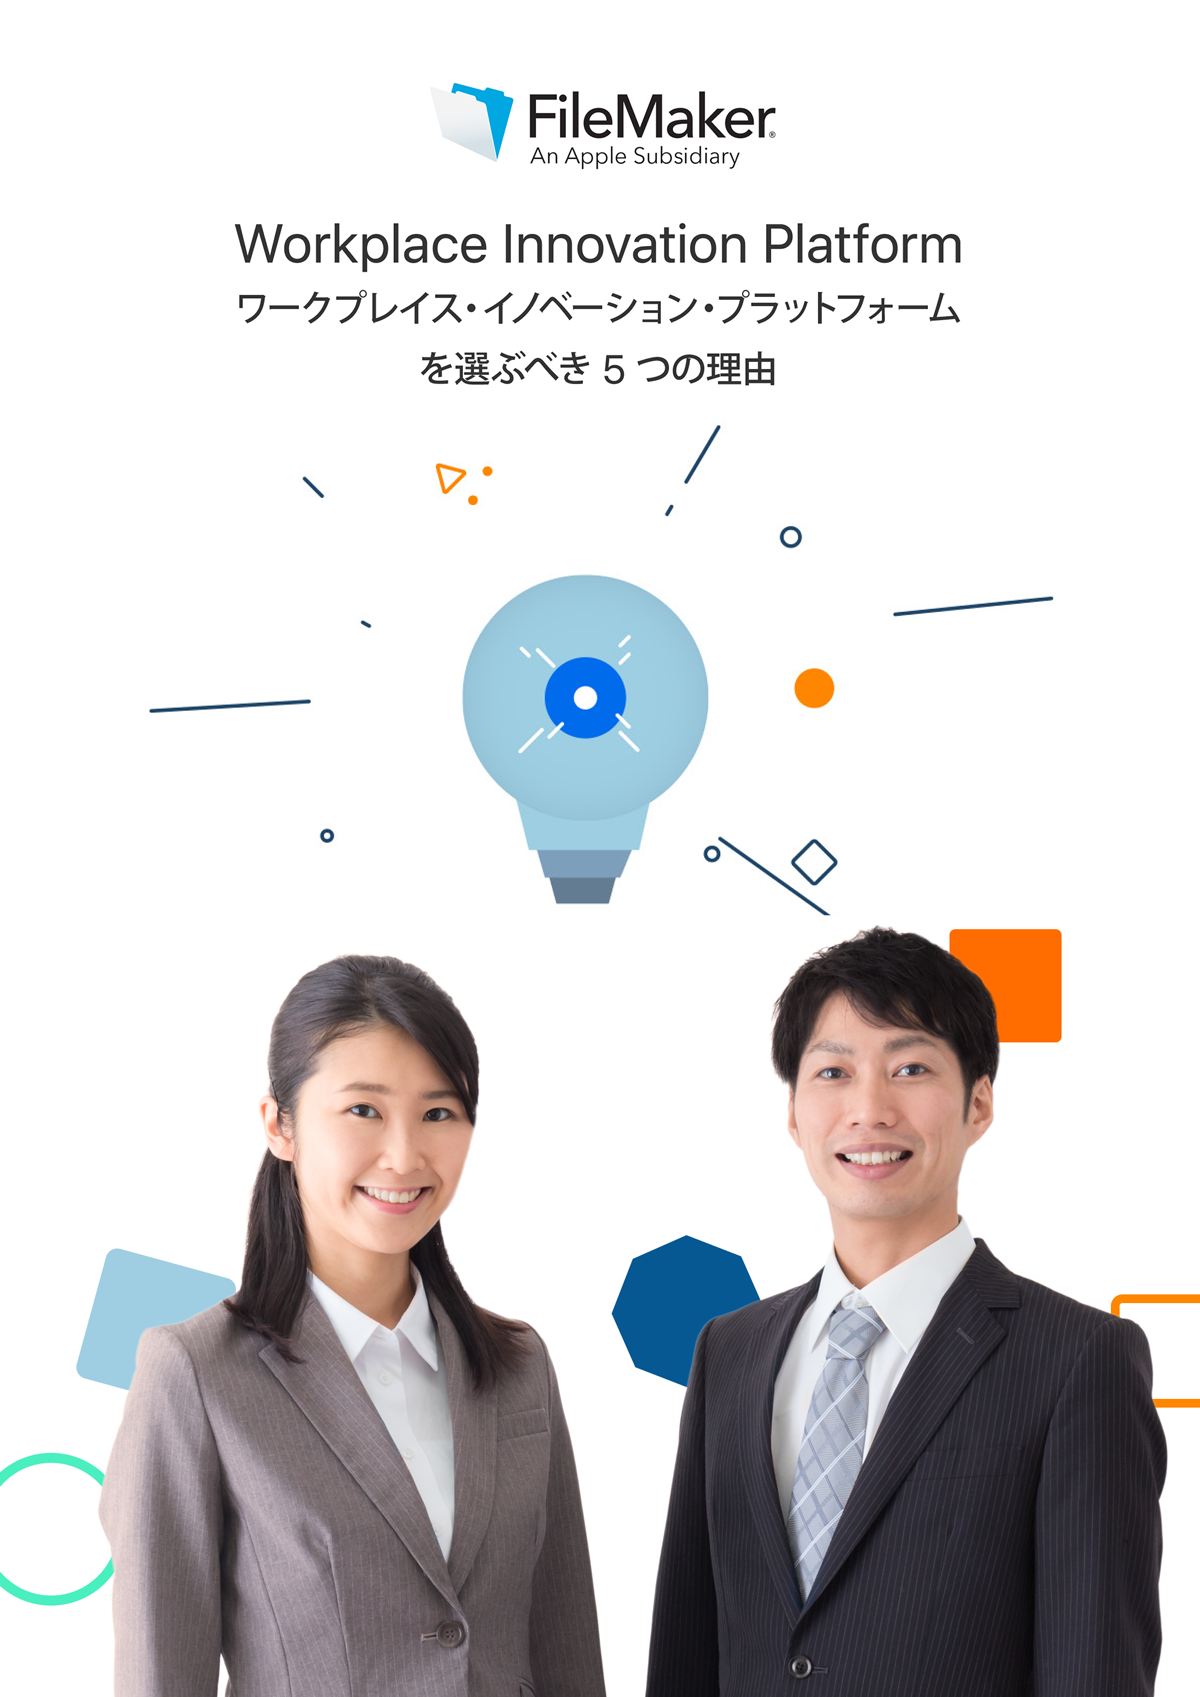 カスタム App を使用して事業を行う利点をご説明します。